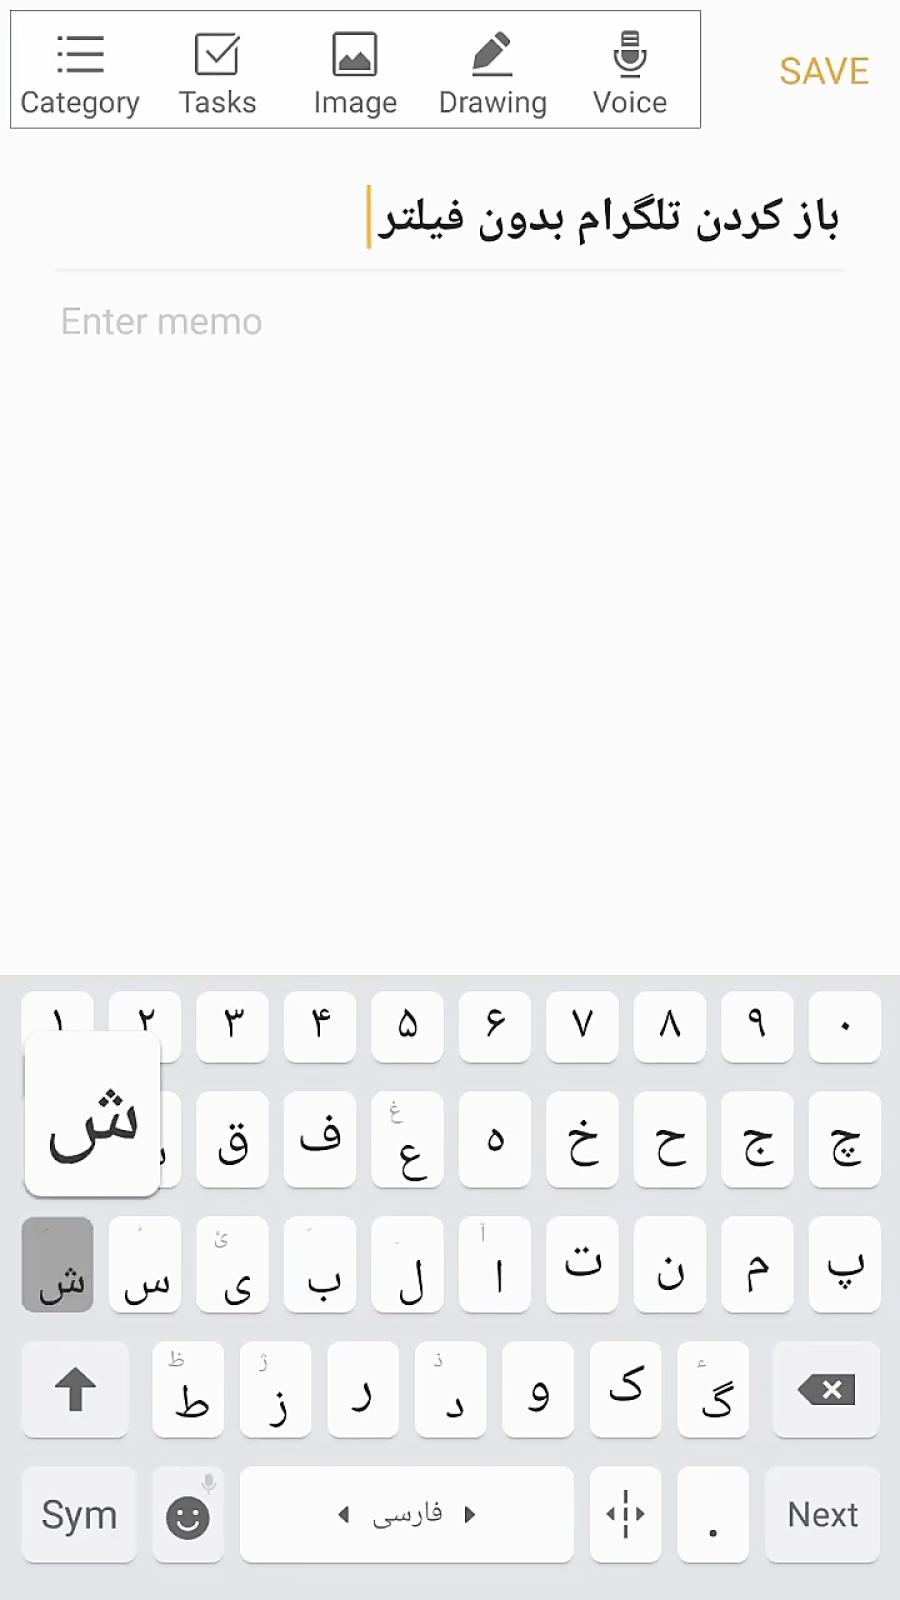 باز کردن تلگرام بدون فیلتر شکن